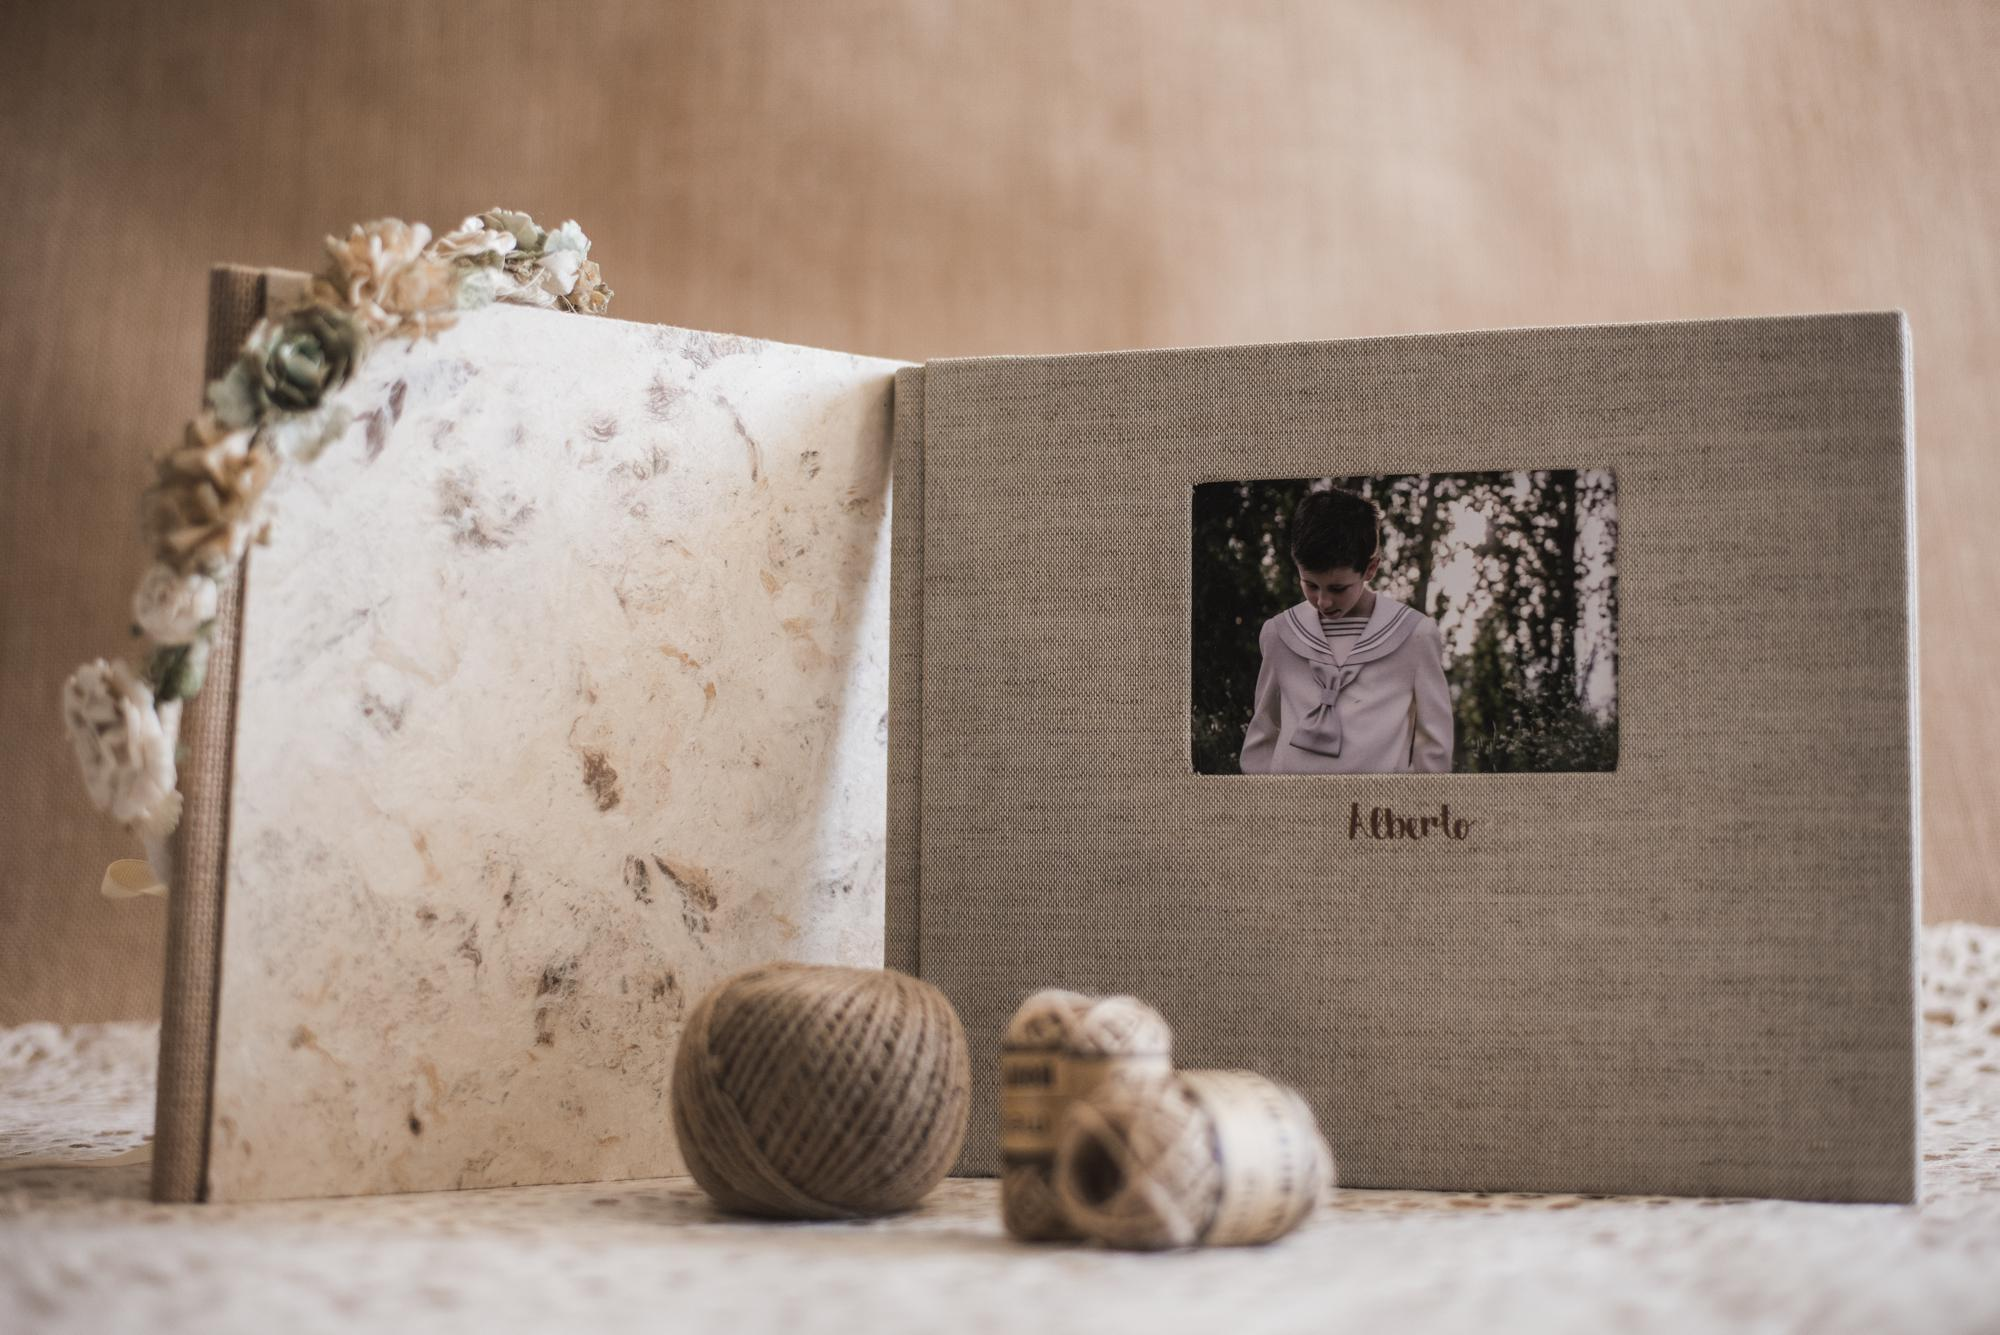 Libro de comunión en lino avena con ventana y papel corteza blanca